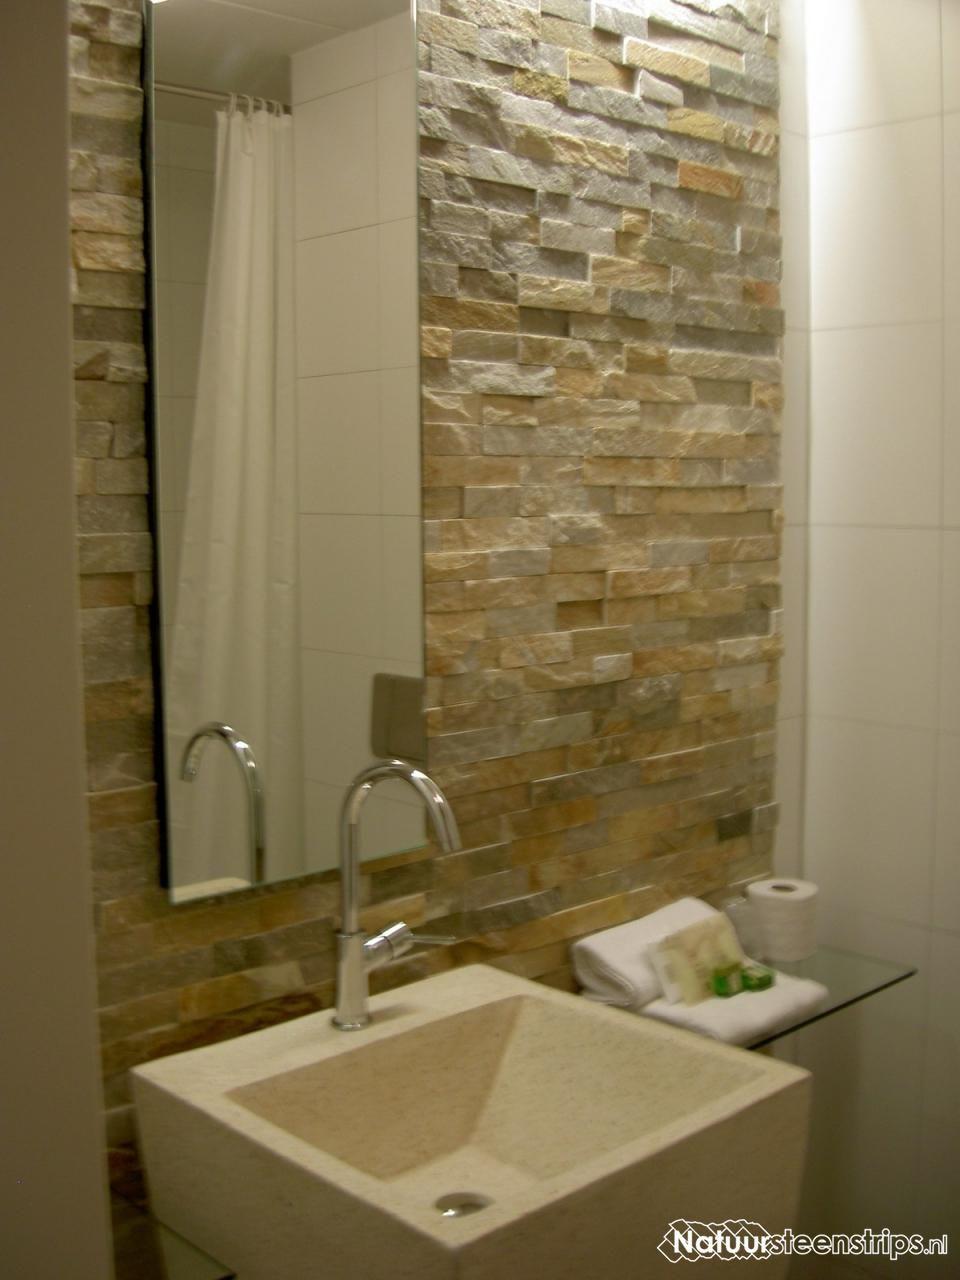 Zeer eigentijds ontwerp natuursteenstrips muurstrips in de badkamer warme natuurtinten - Eigentijds restaurant ...